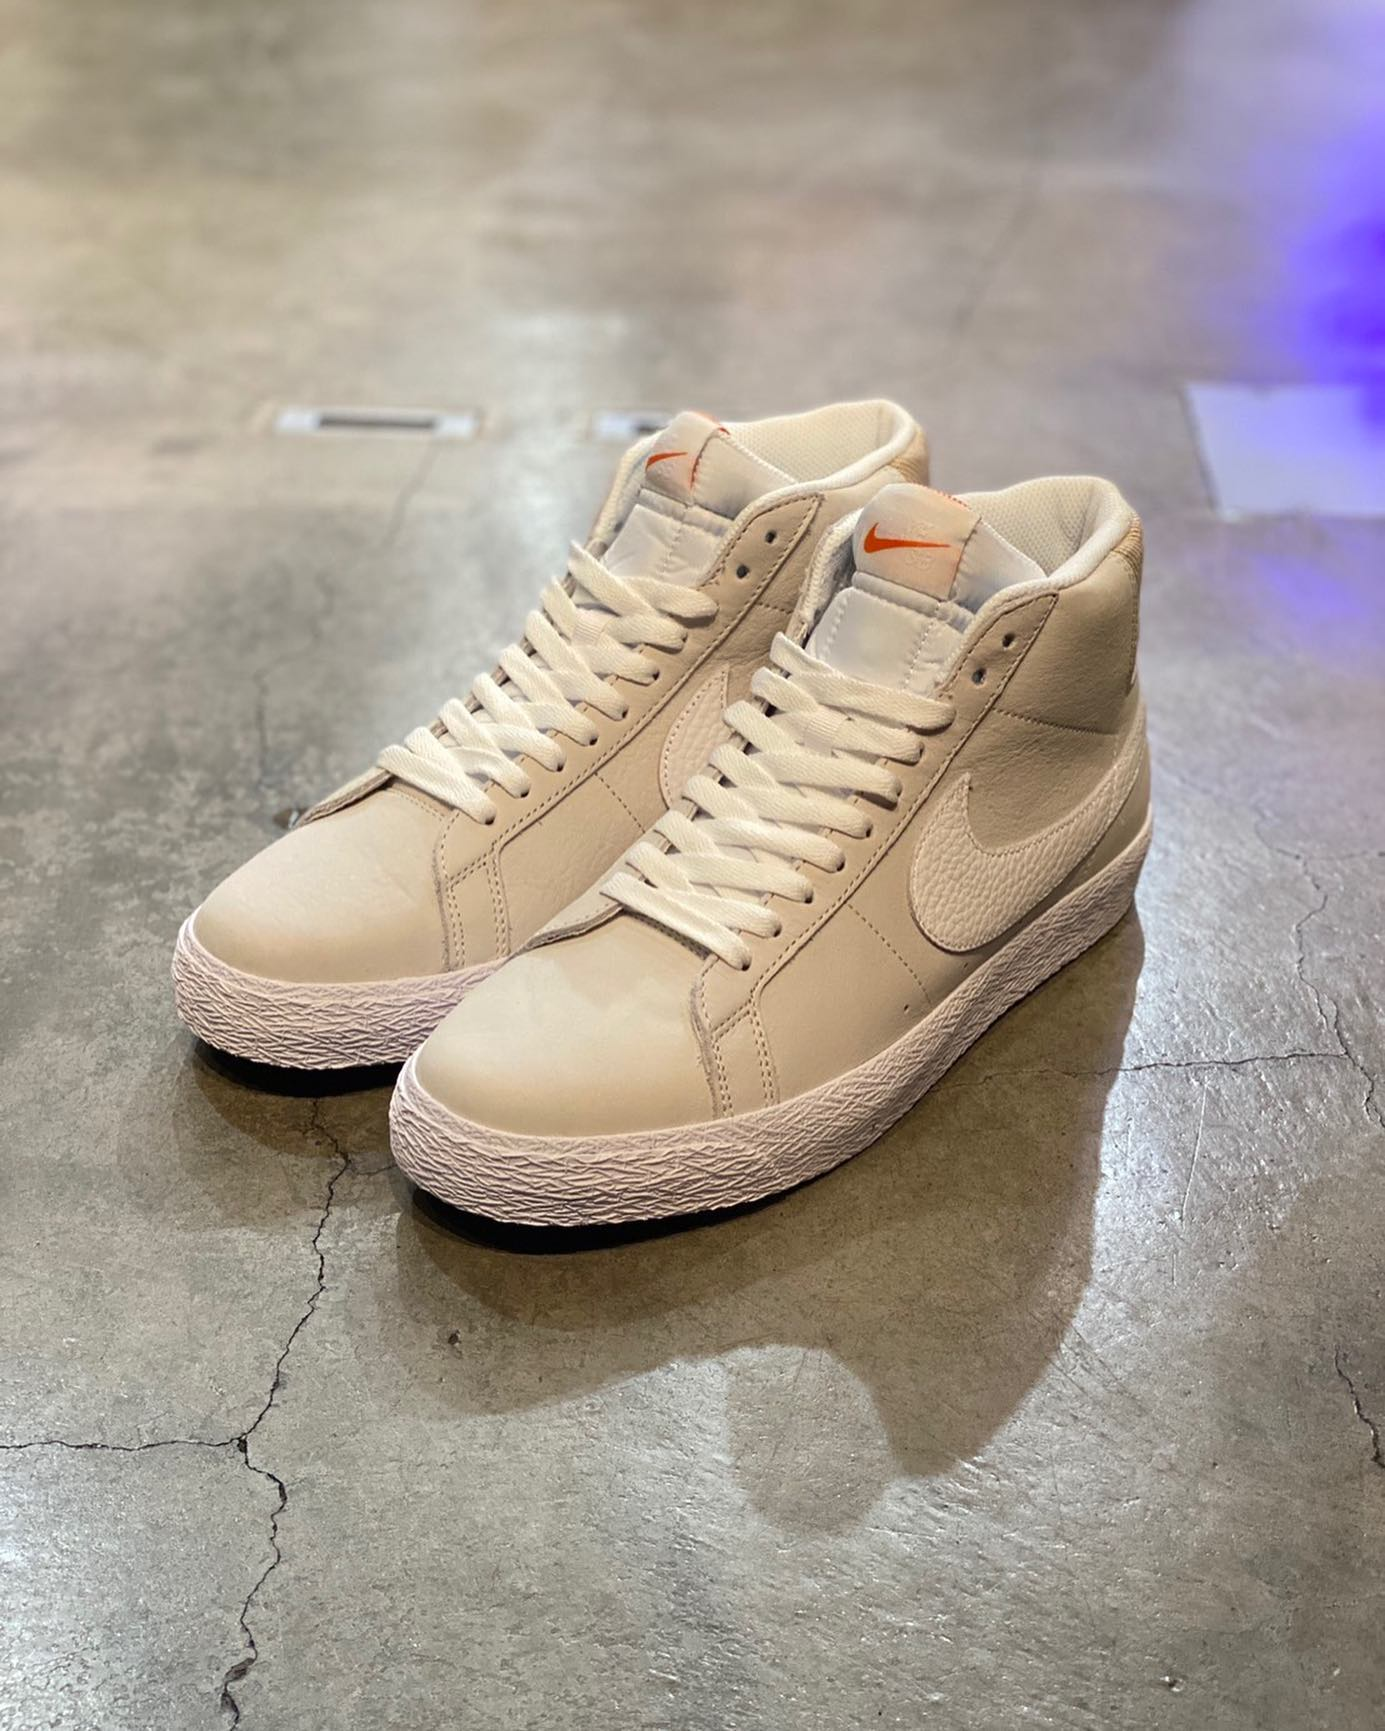 9月4日(土)発売 Nike SB Zoom Blazer Mid ISO※店頭・WEBストアにて発売いたします。※販売足数、入荷サイズ、発売前のご予約など販売に関する事前お問い合わせはご遠慮下さい。※no overseas shipment.